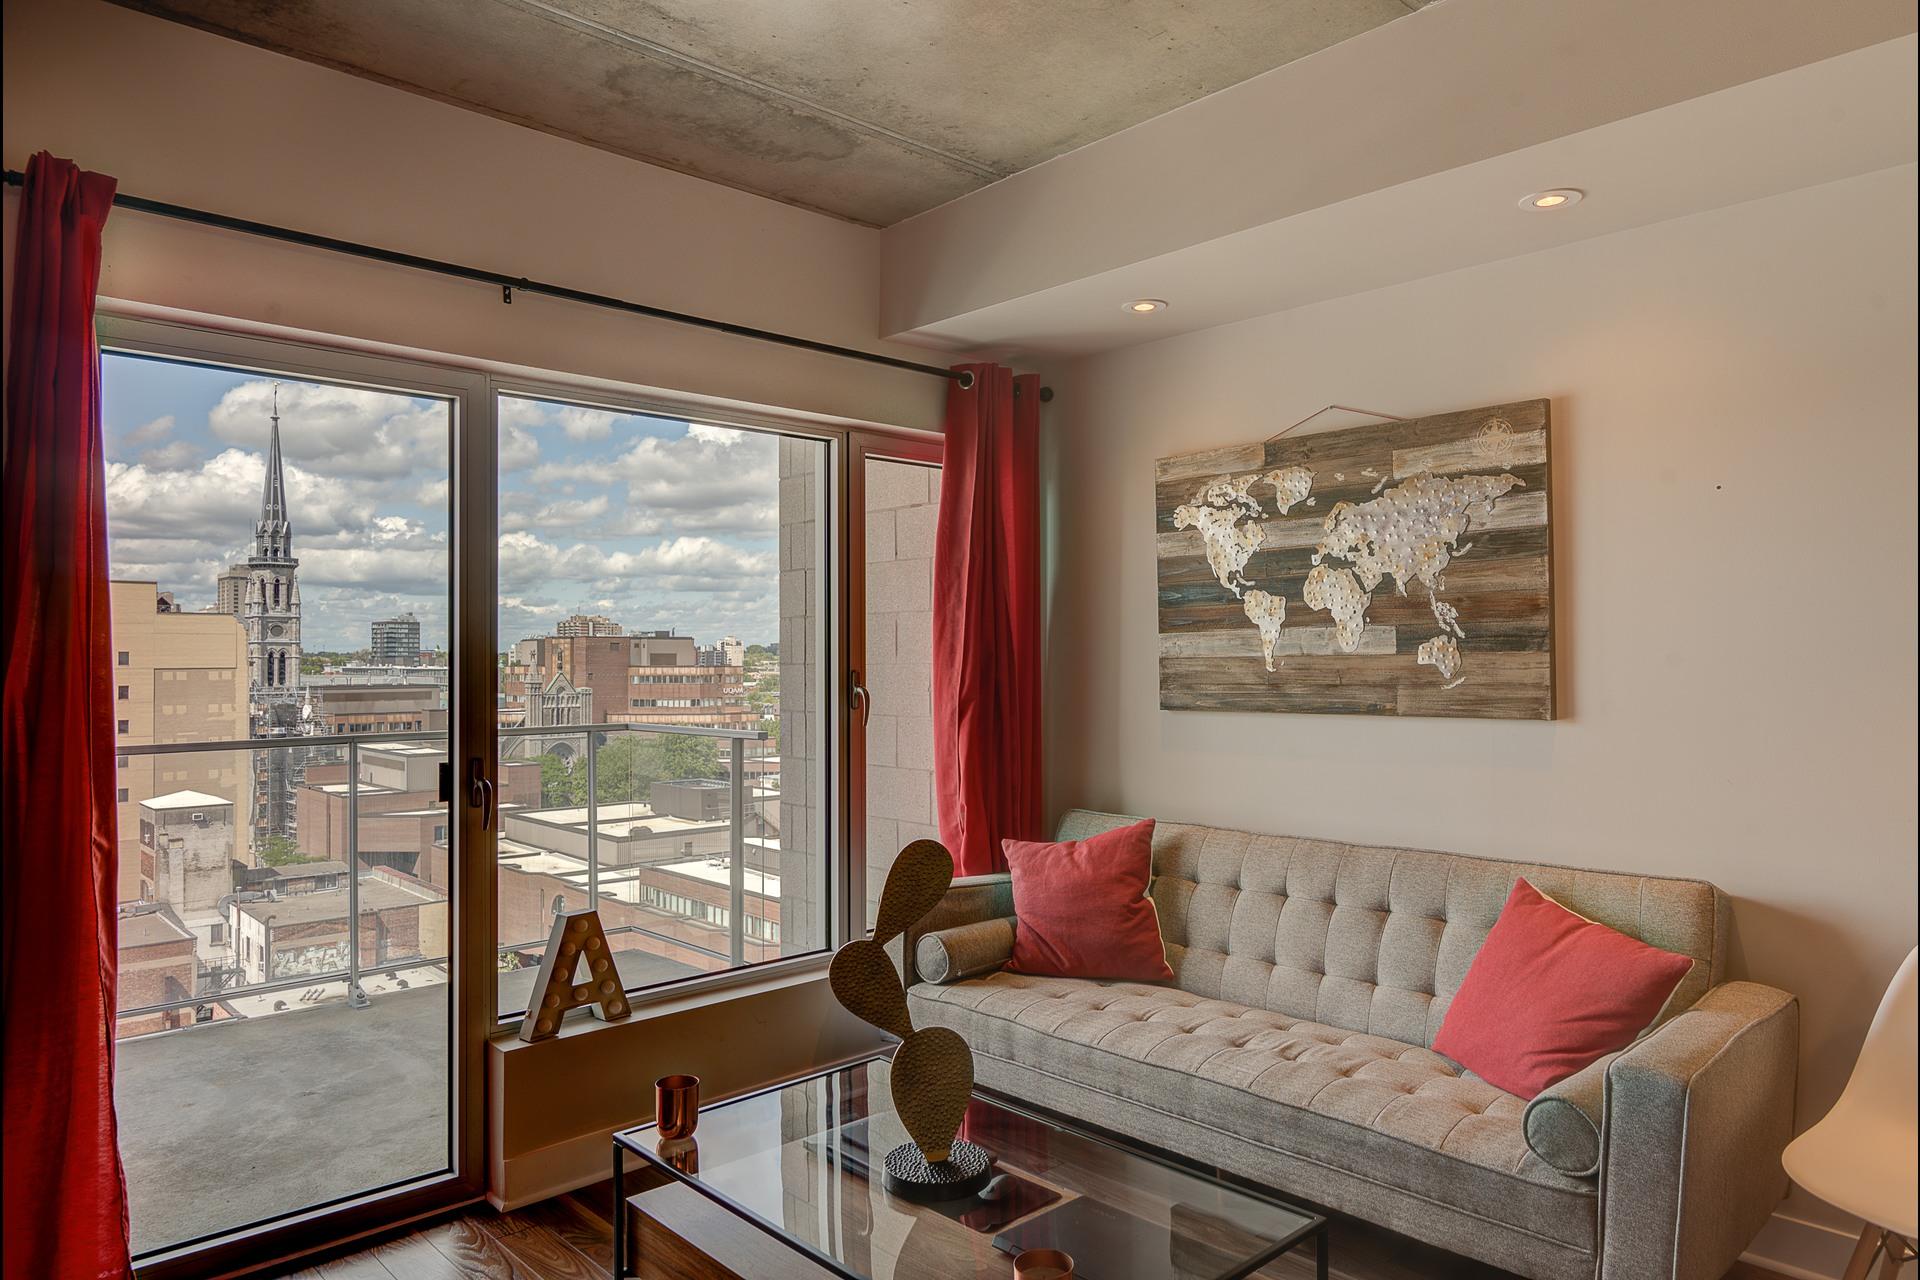 image 0 - MX - Condominio vertical - MX Para alquiler Montréal - 3 habitaciones